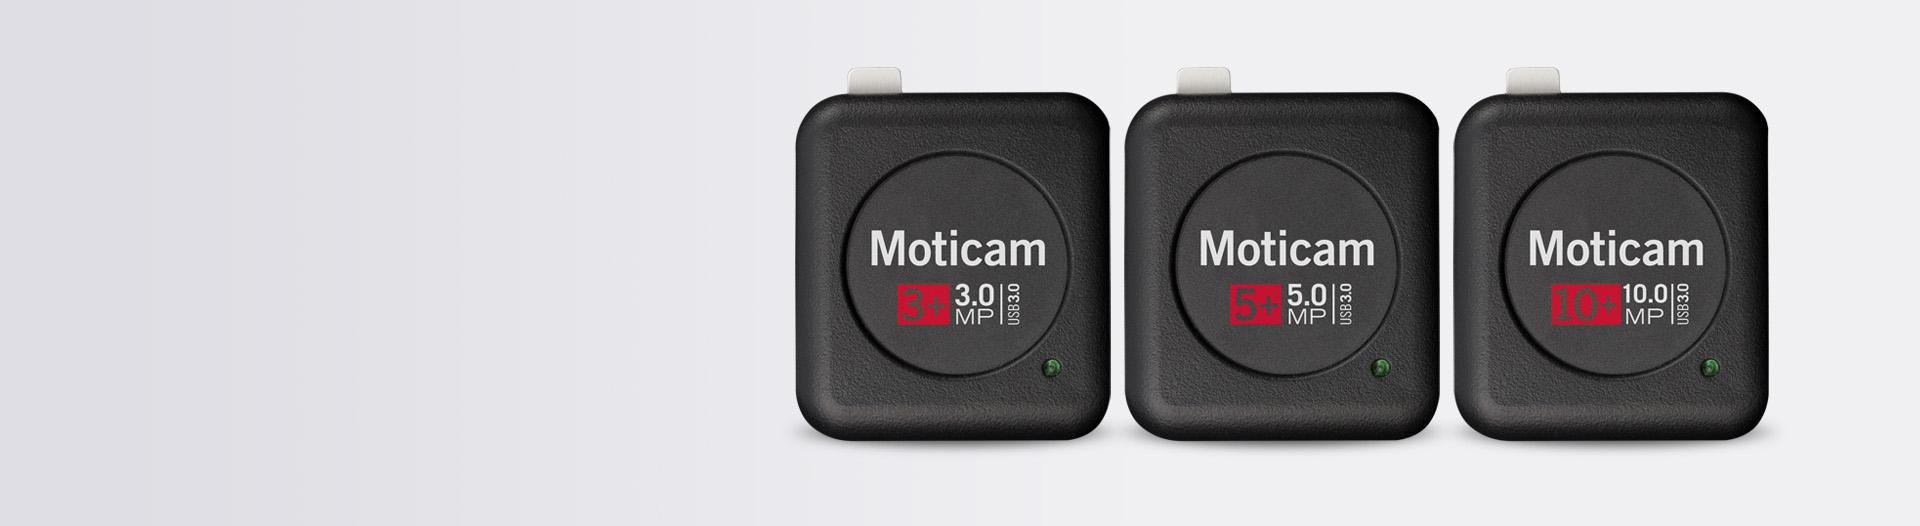 Moticam 3+, 5+, 10+ USB3.0